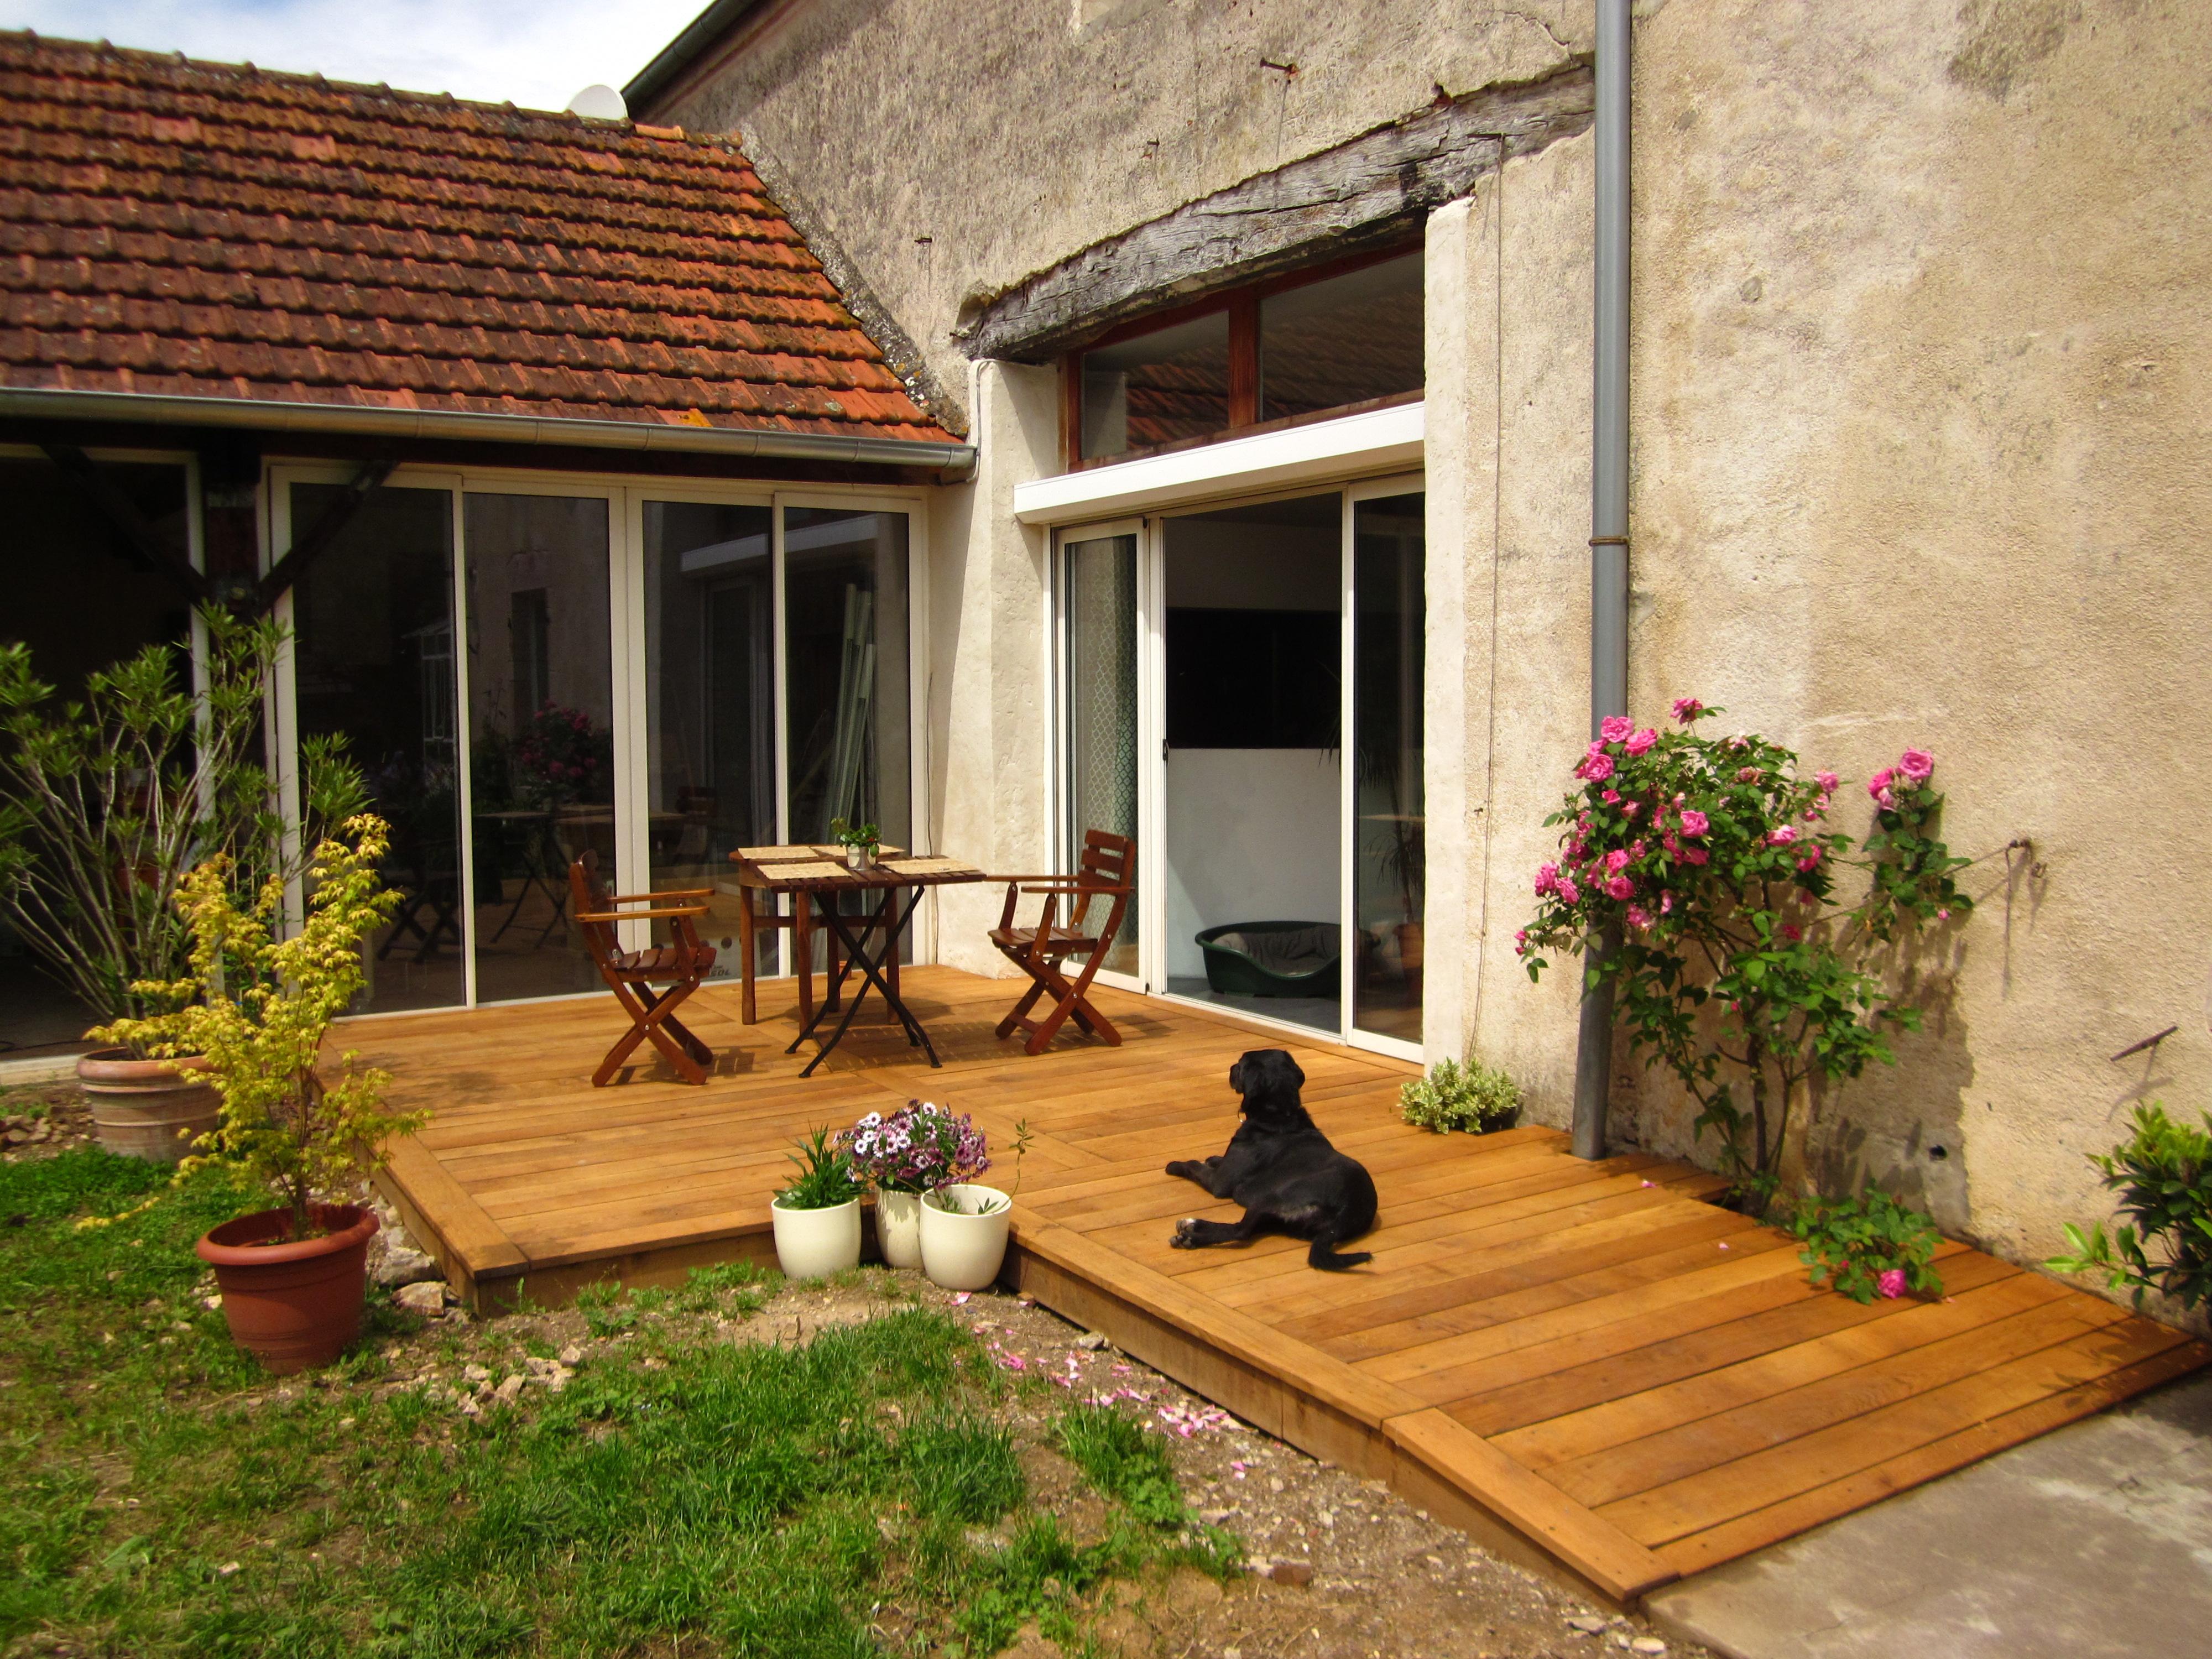 terrasse en ch ne bois et fibres. Black Bedroom Furniture Sets. Home Design Ideas